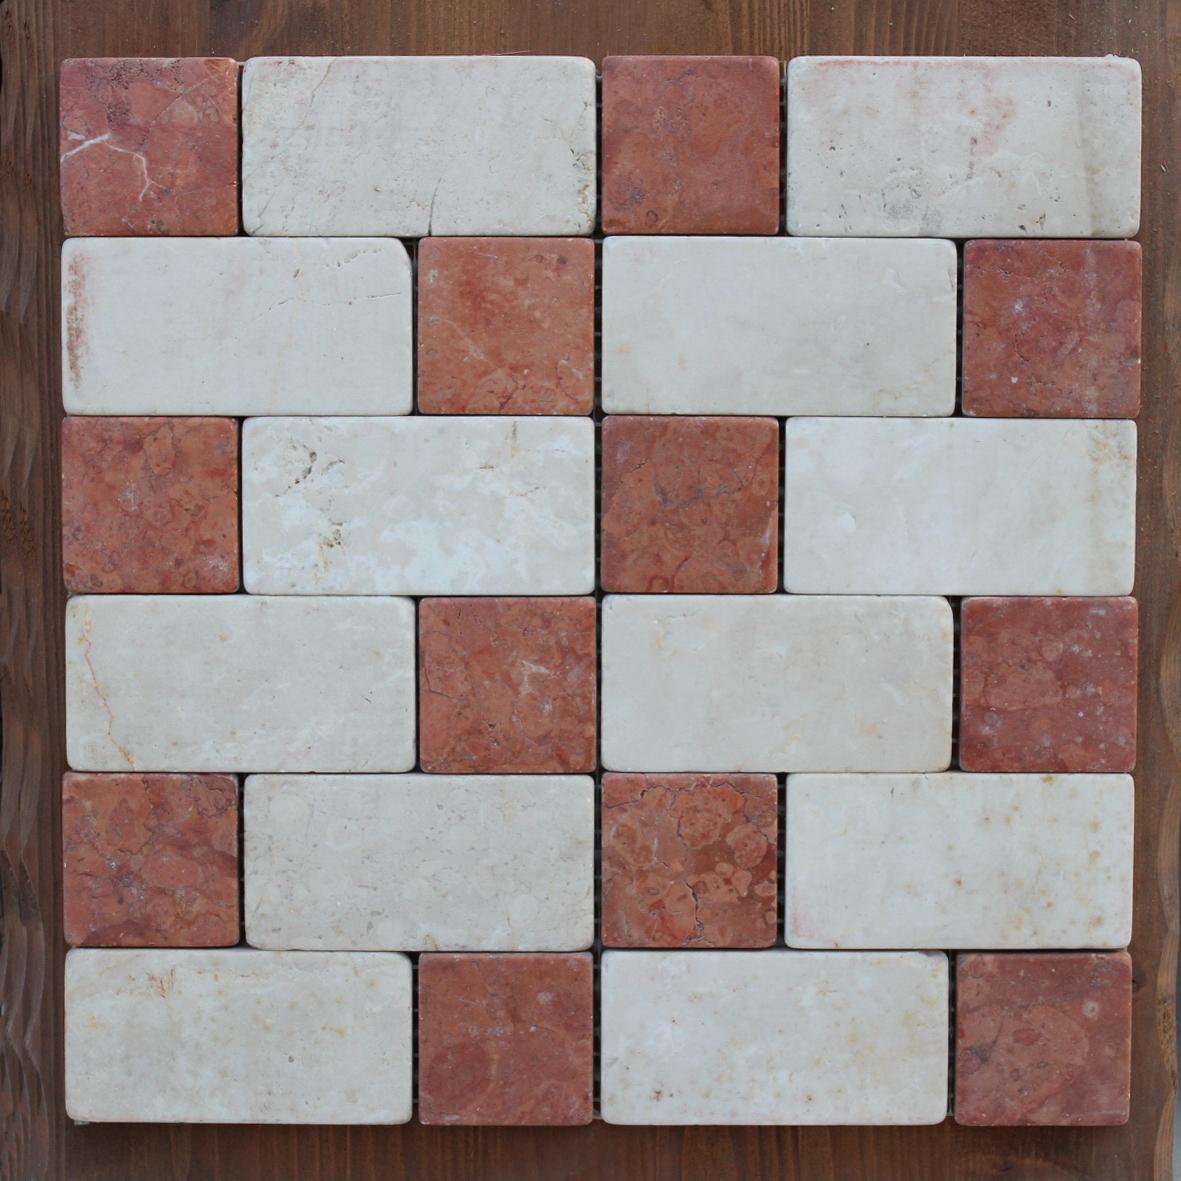 Casa immobiliare accessori marmo burattato - Vendita piastrelle treviso ...